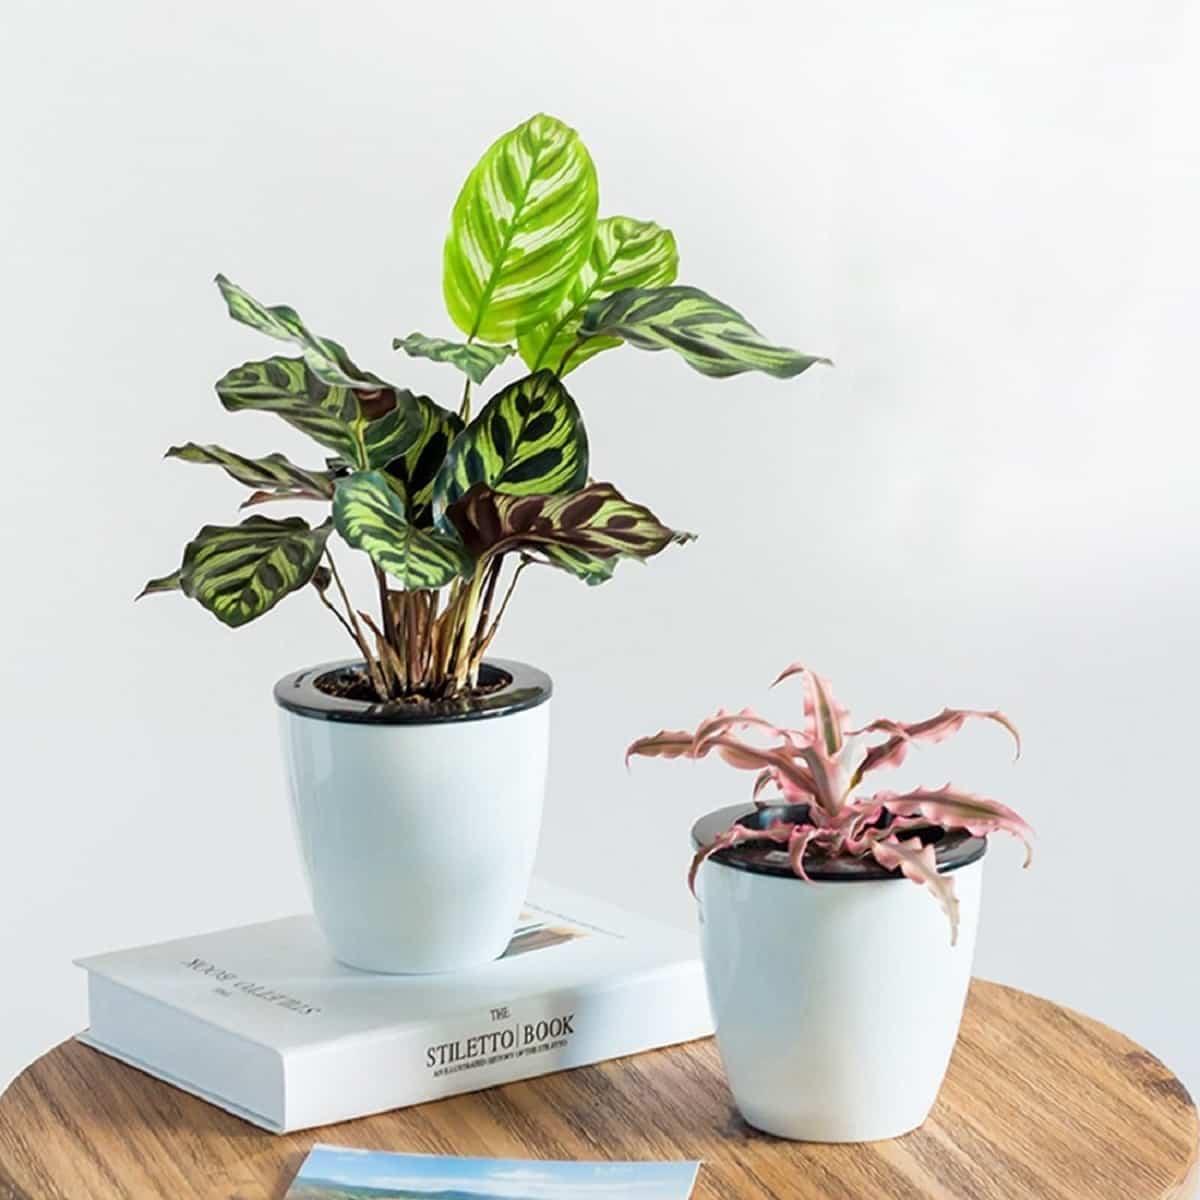 trucos para regar las plantas si te vas de vacaciones 2